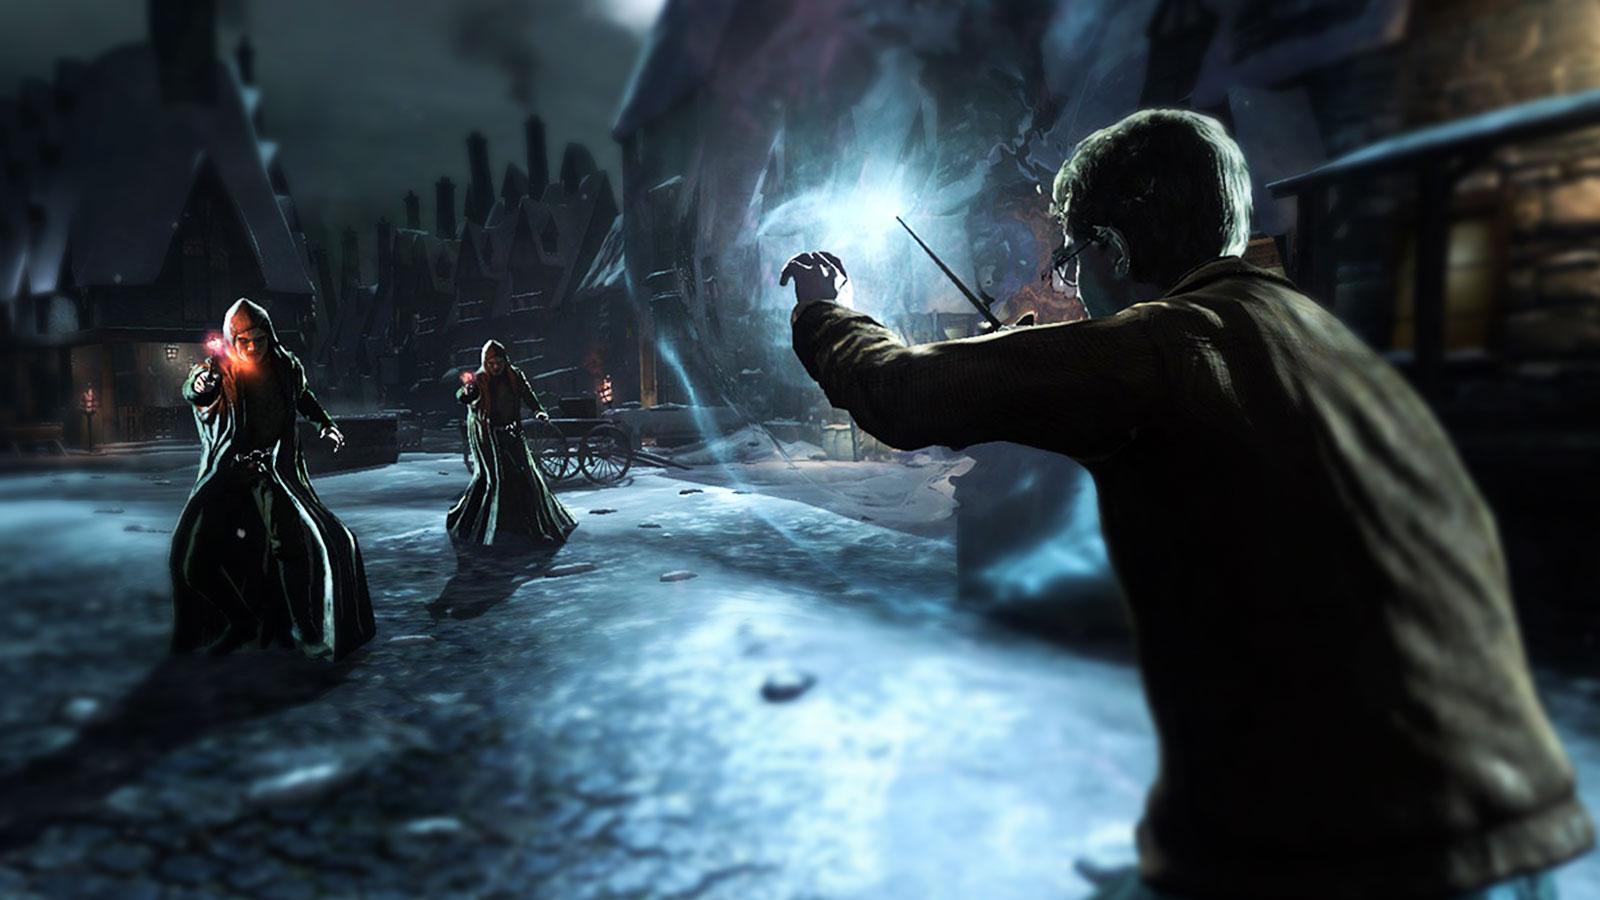 Гарри потер и магические способности